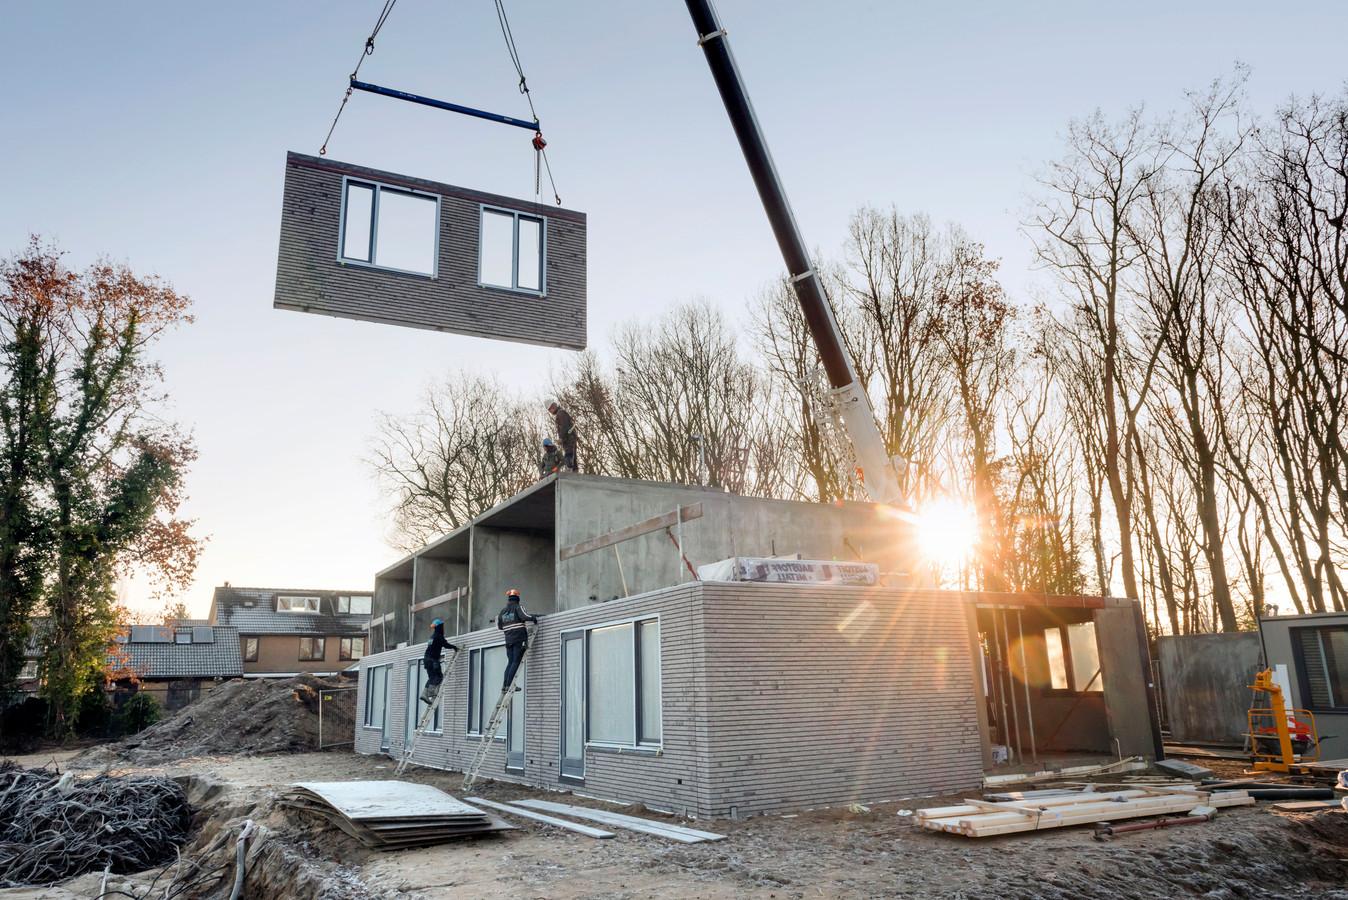 Prefabwoningen in aanbouw in Ermelo, december vorig jaar.